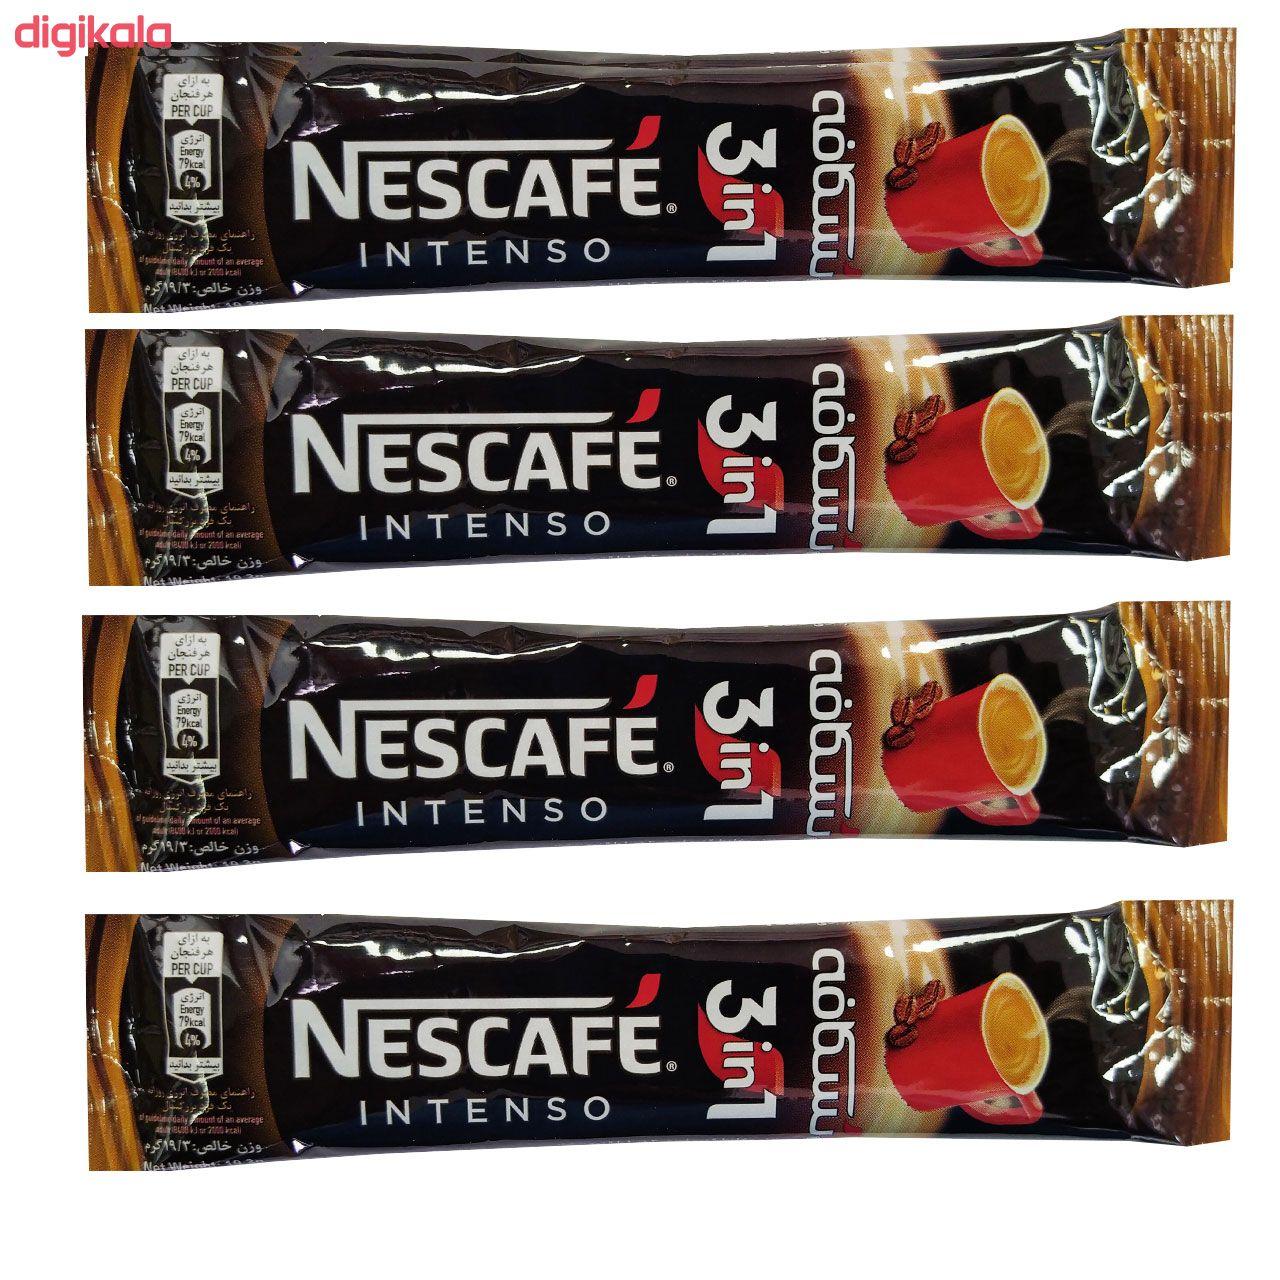 قهوه فوری اینتنسو نسکافه - 19.3 گرم بسته 4عددی main 1 1